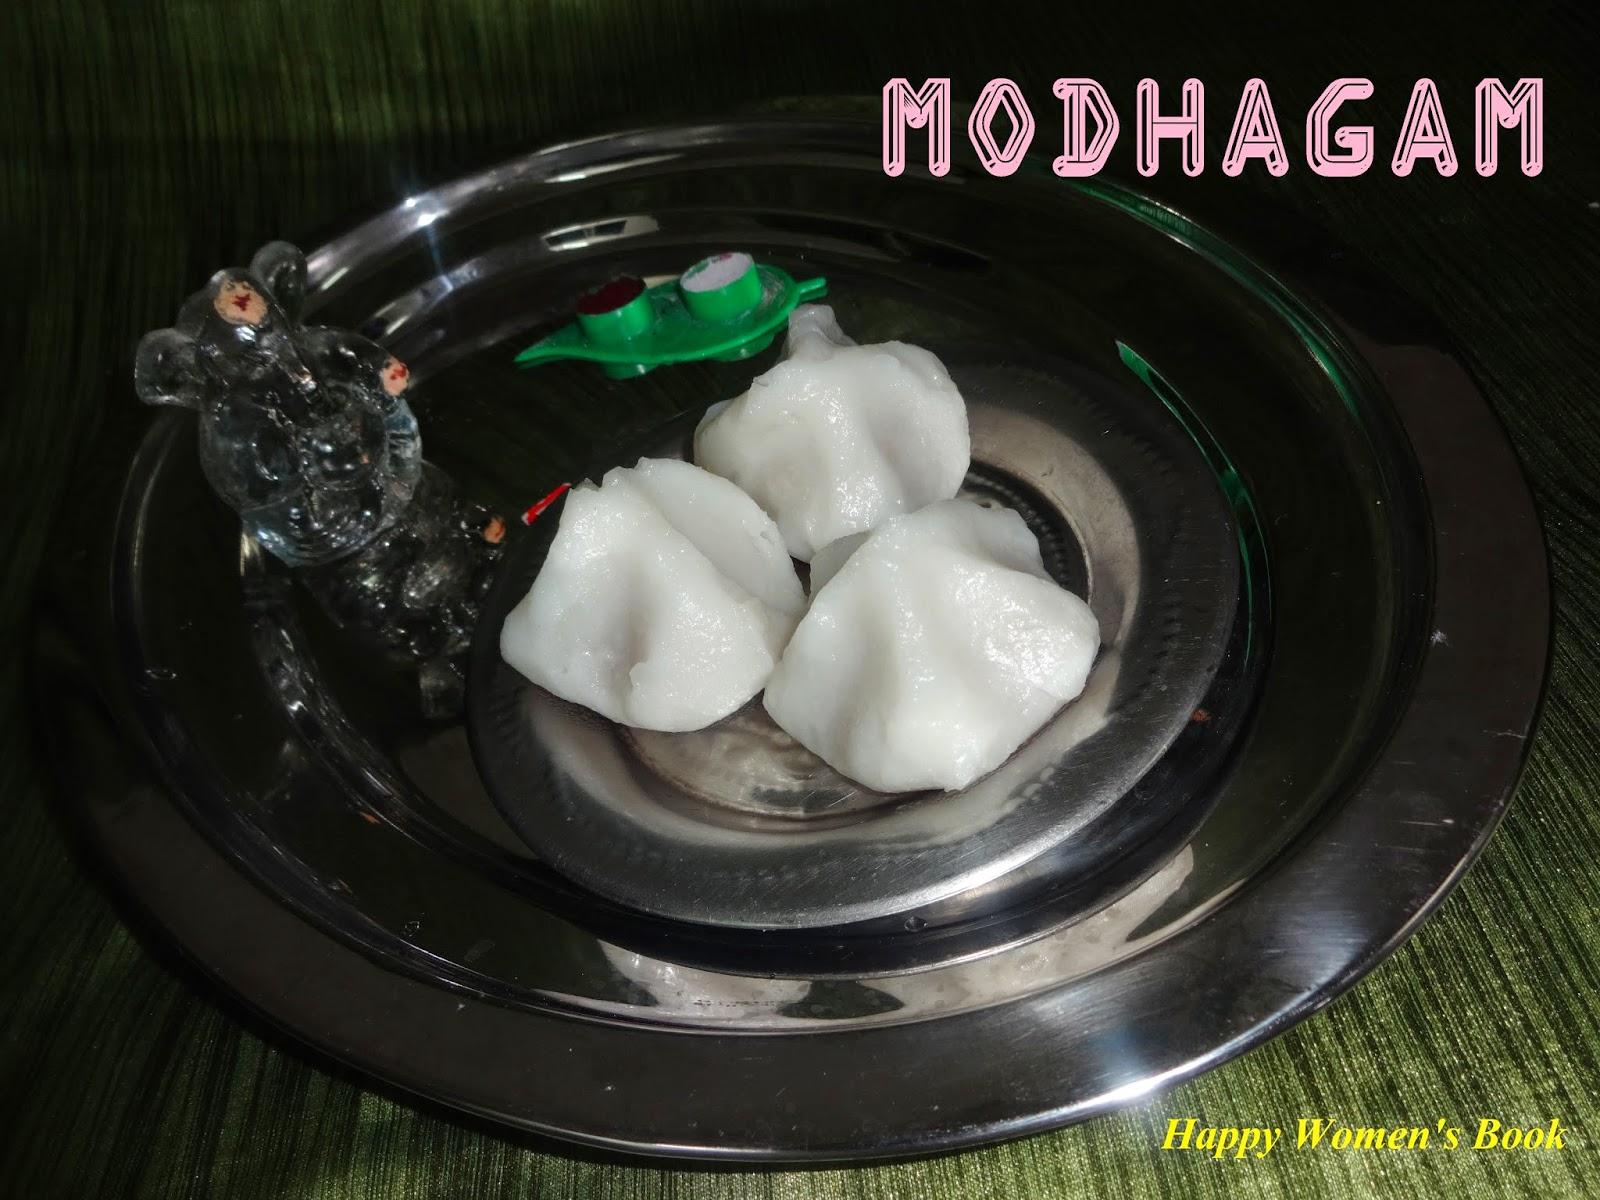 Modhagam